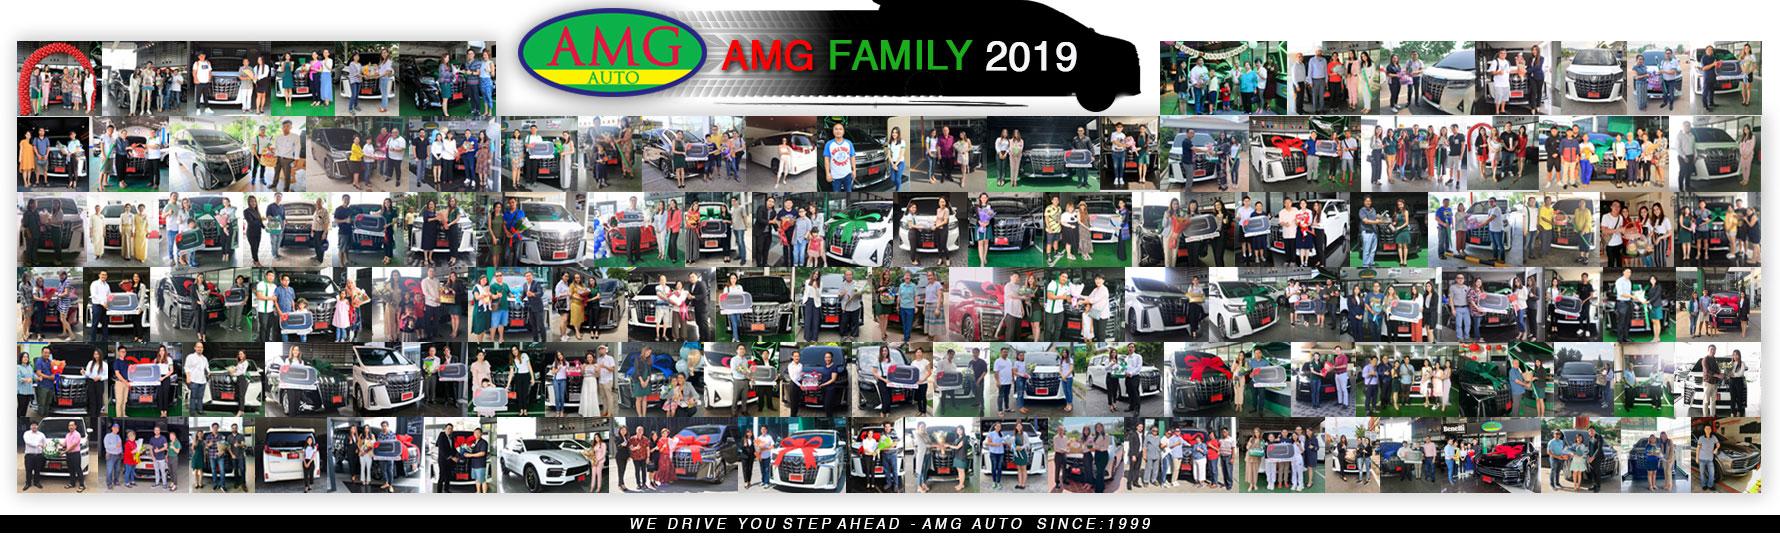 Slide-AMG-FAMILY-2019